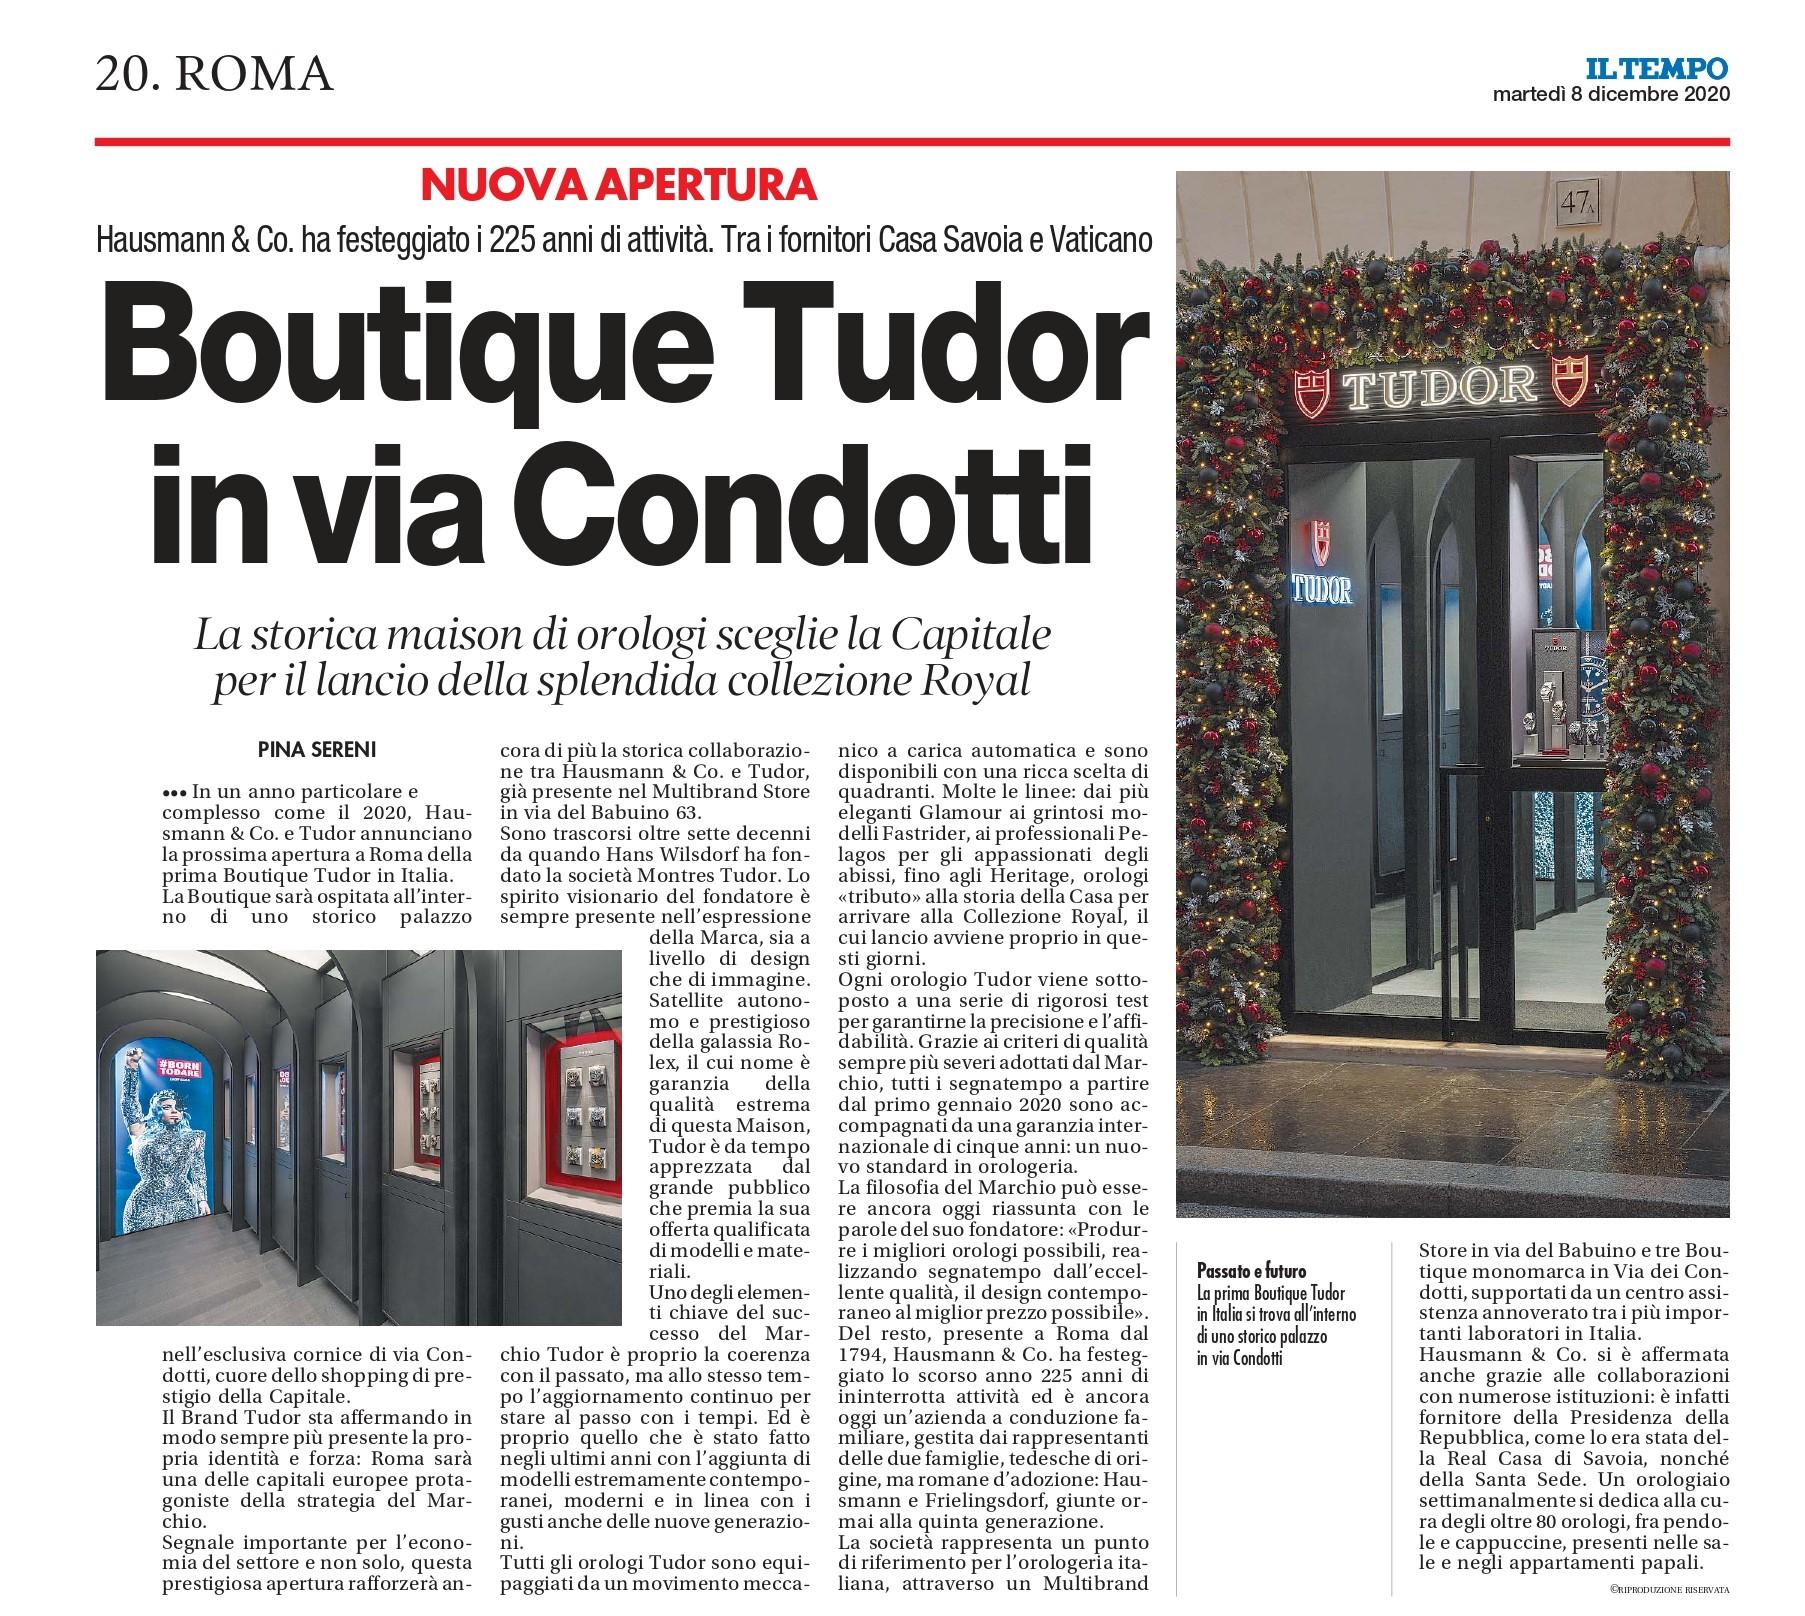 Immagine articolo Il Tempo per apertura punto vendita tudor ufficiale a roma